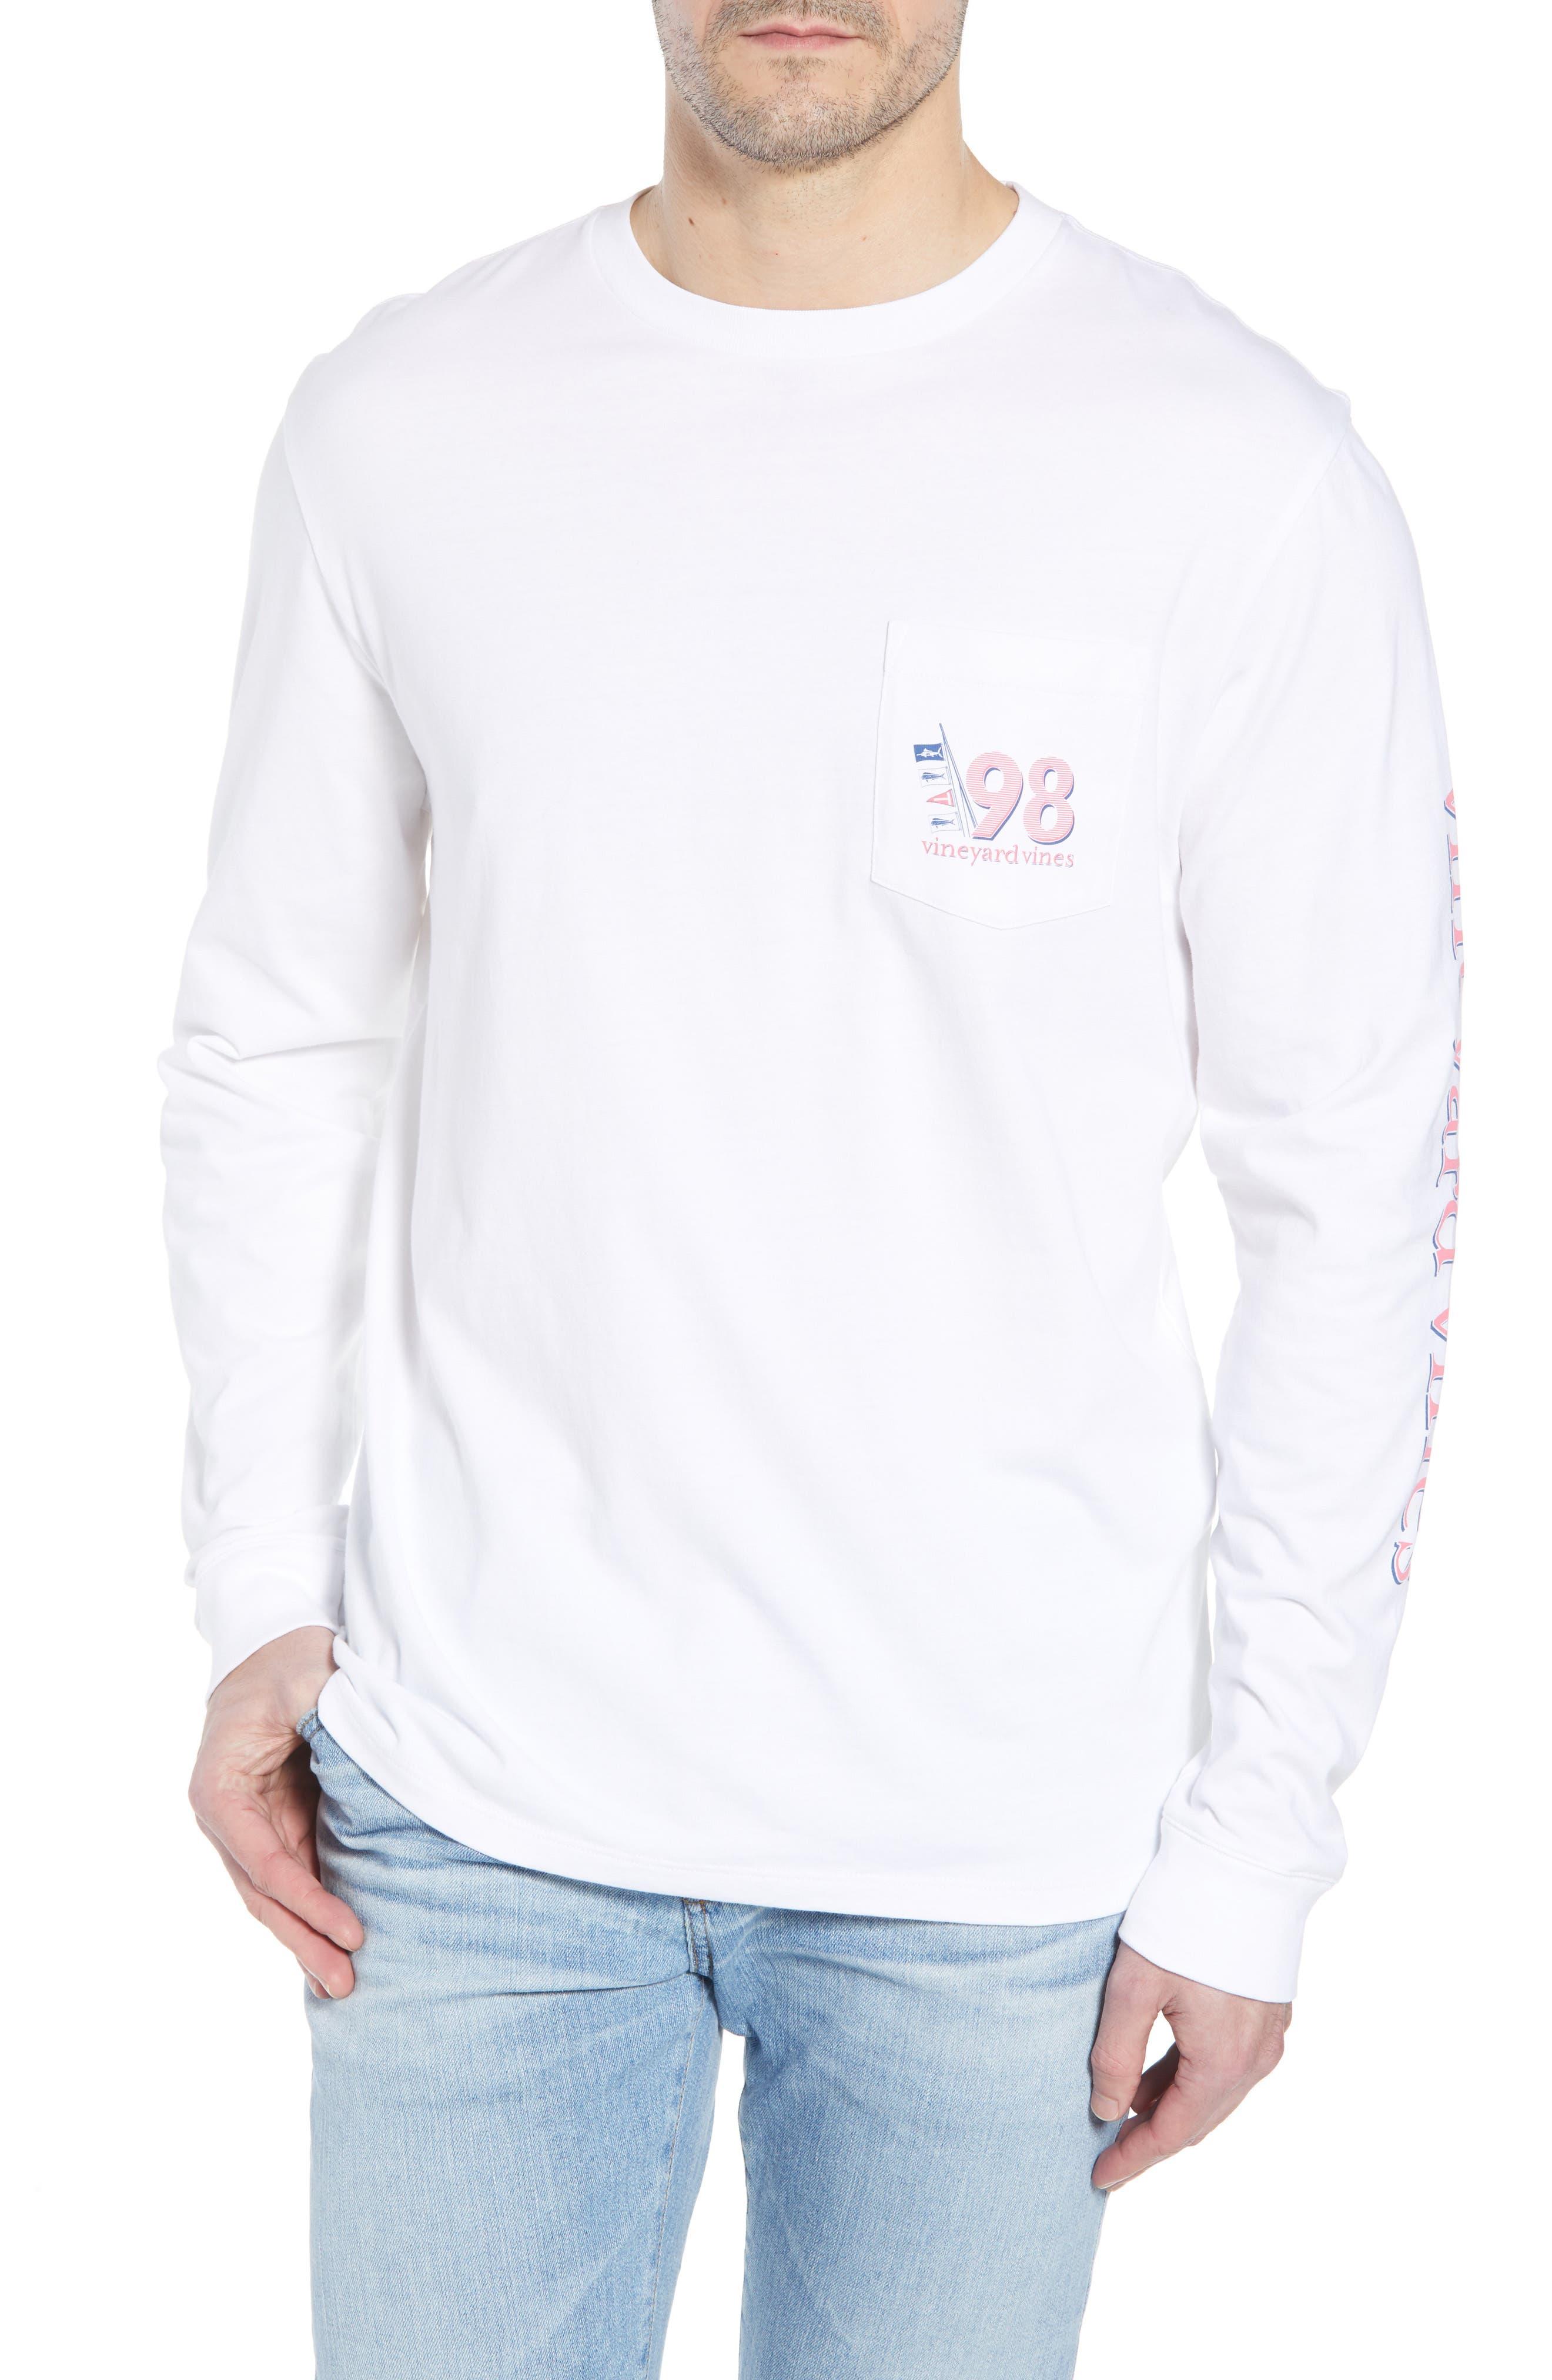 Sportfisher Regular Fit Crewneck T-Shirt,                         Main,                         color,